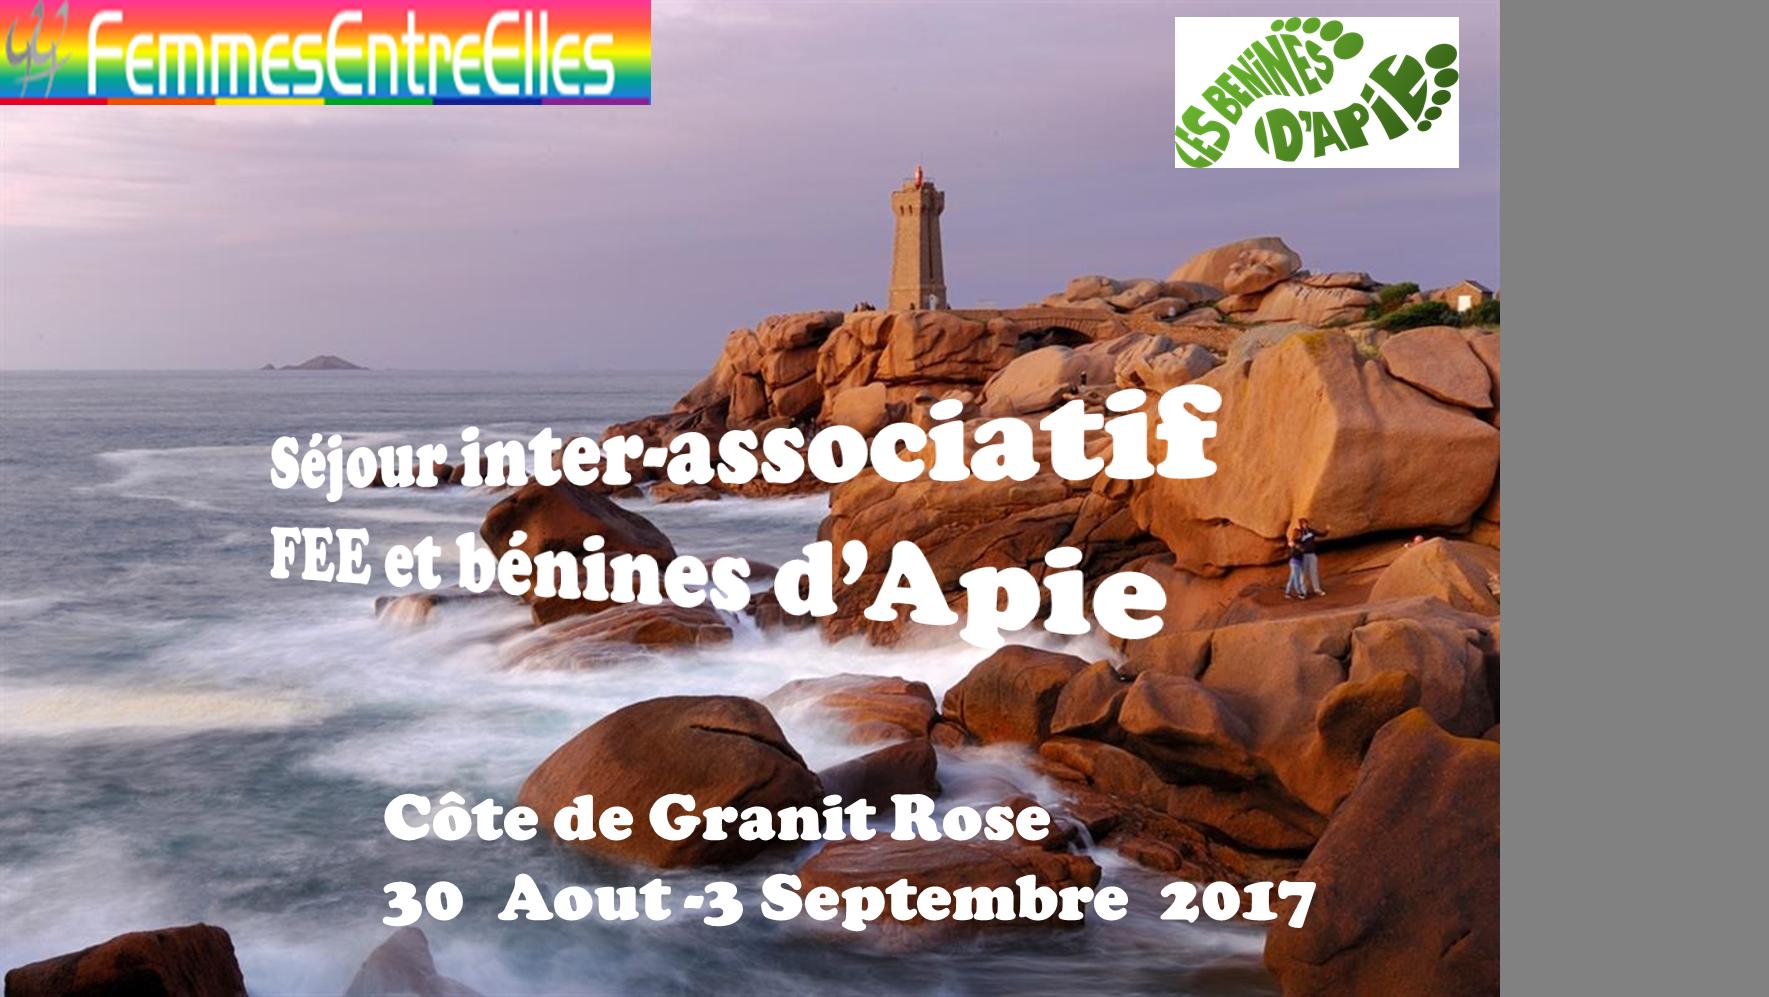 Séjour  inter-associatif des FEEs et Bénines d'Apie sur la côte de Granit Rose du 30 Aout au 3 Septembre 2017